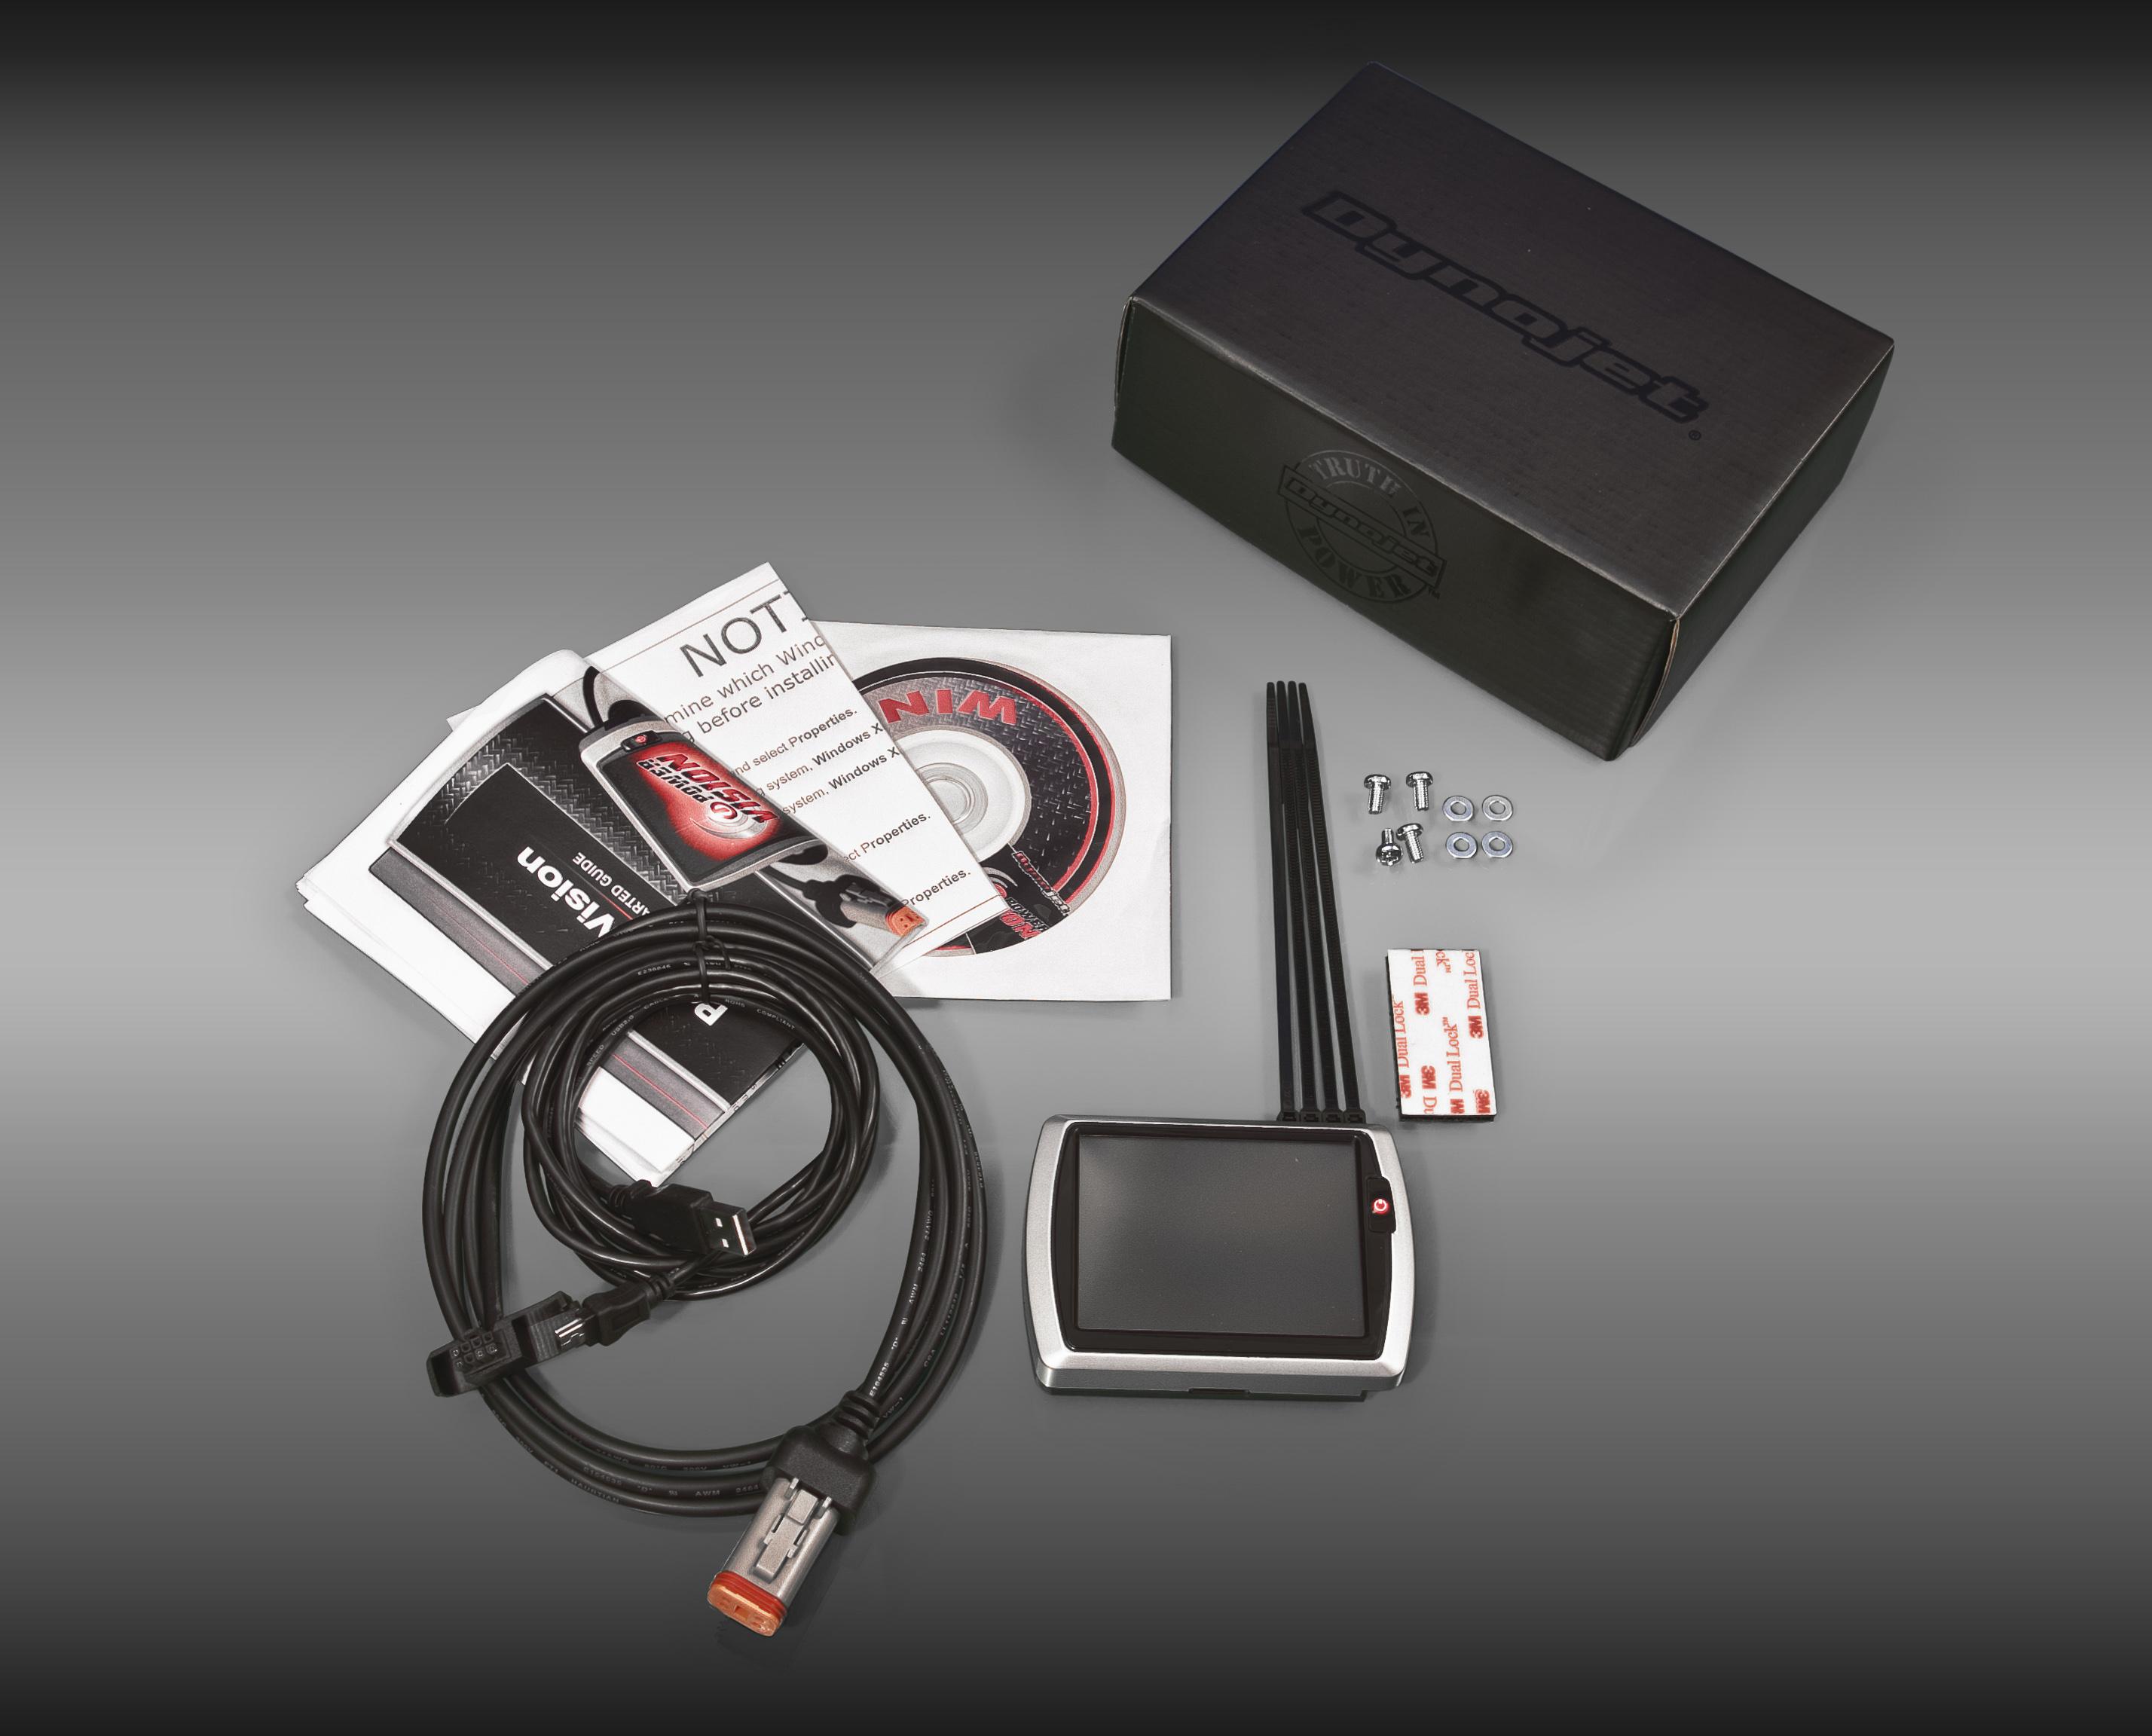 dynojet power vision programmer power vision unit. Black Bedroom Furniture Sets. Home Design Ideas